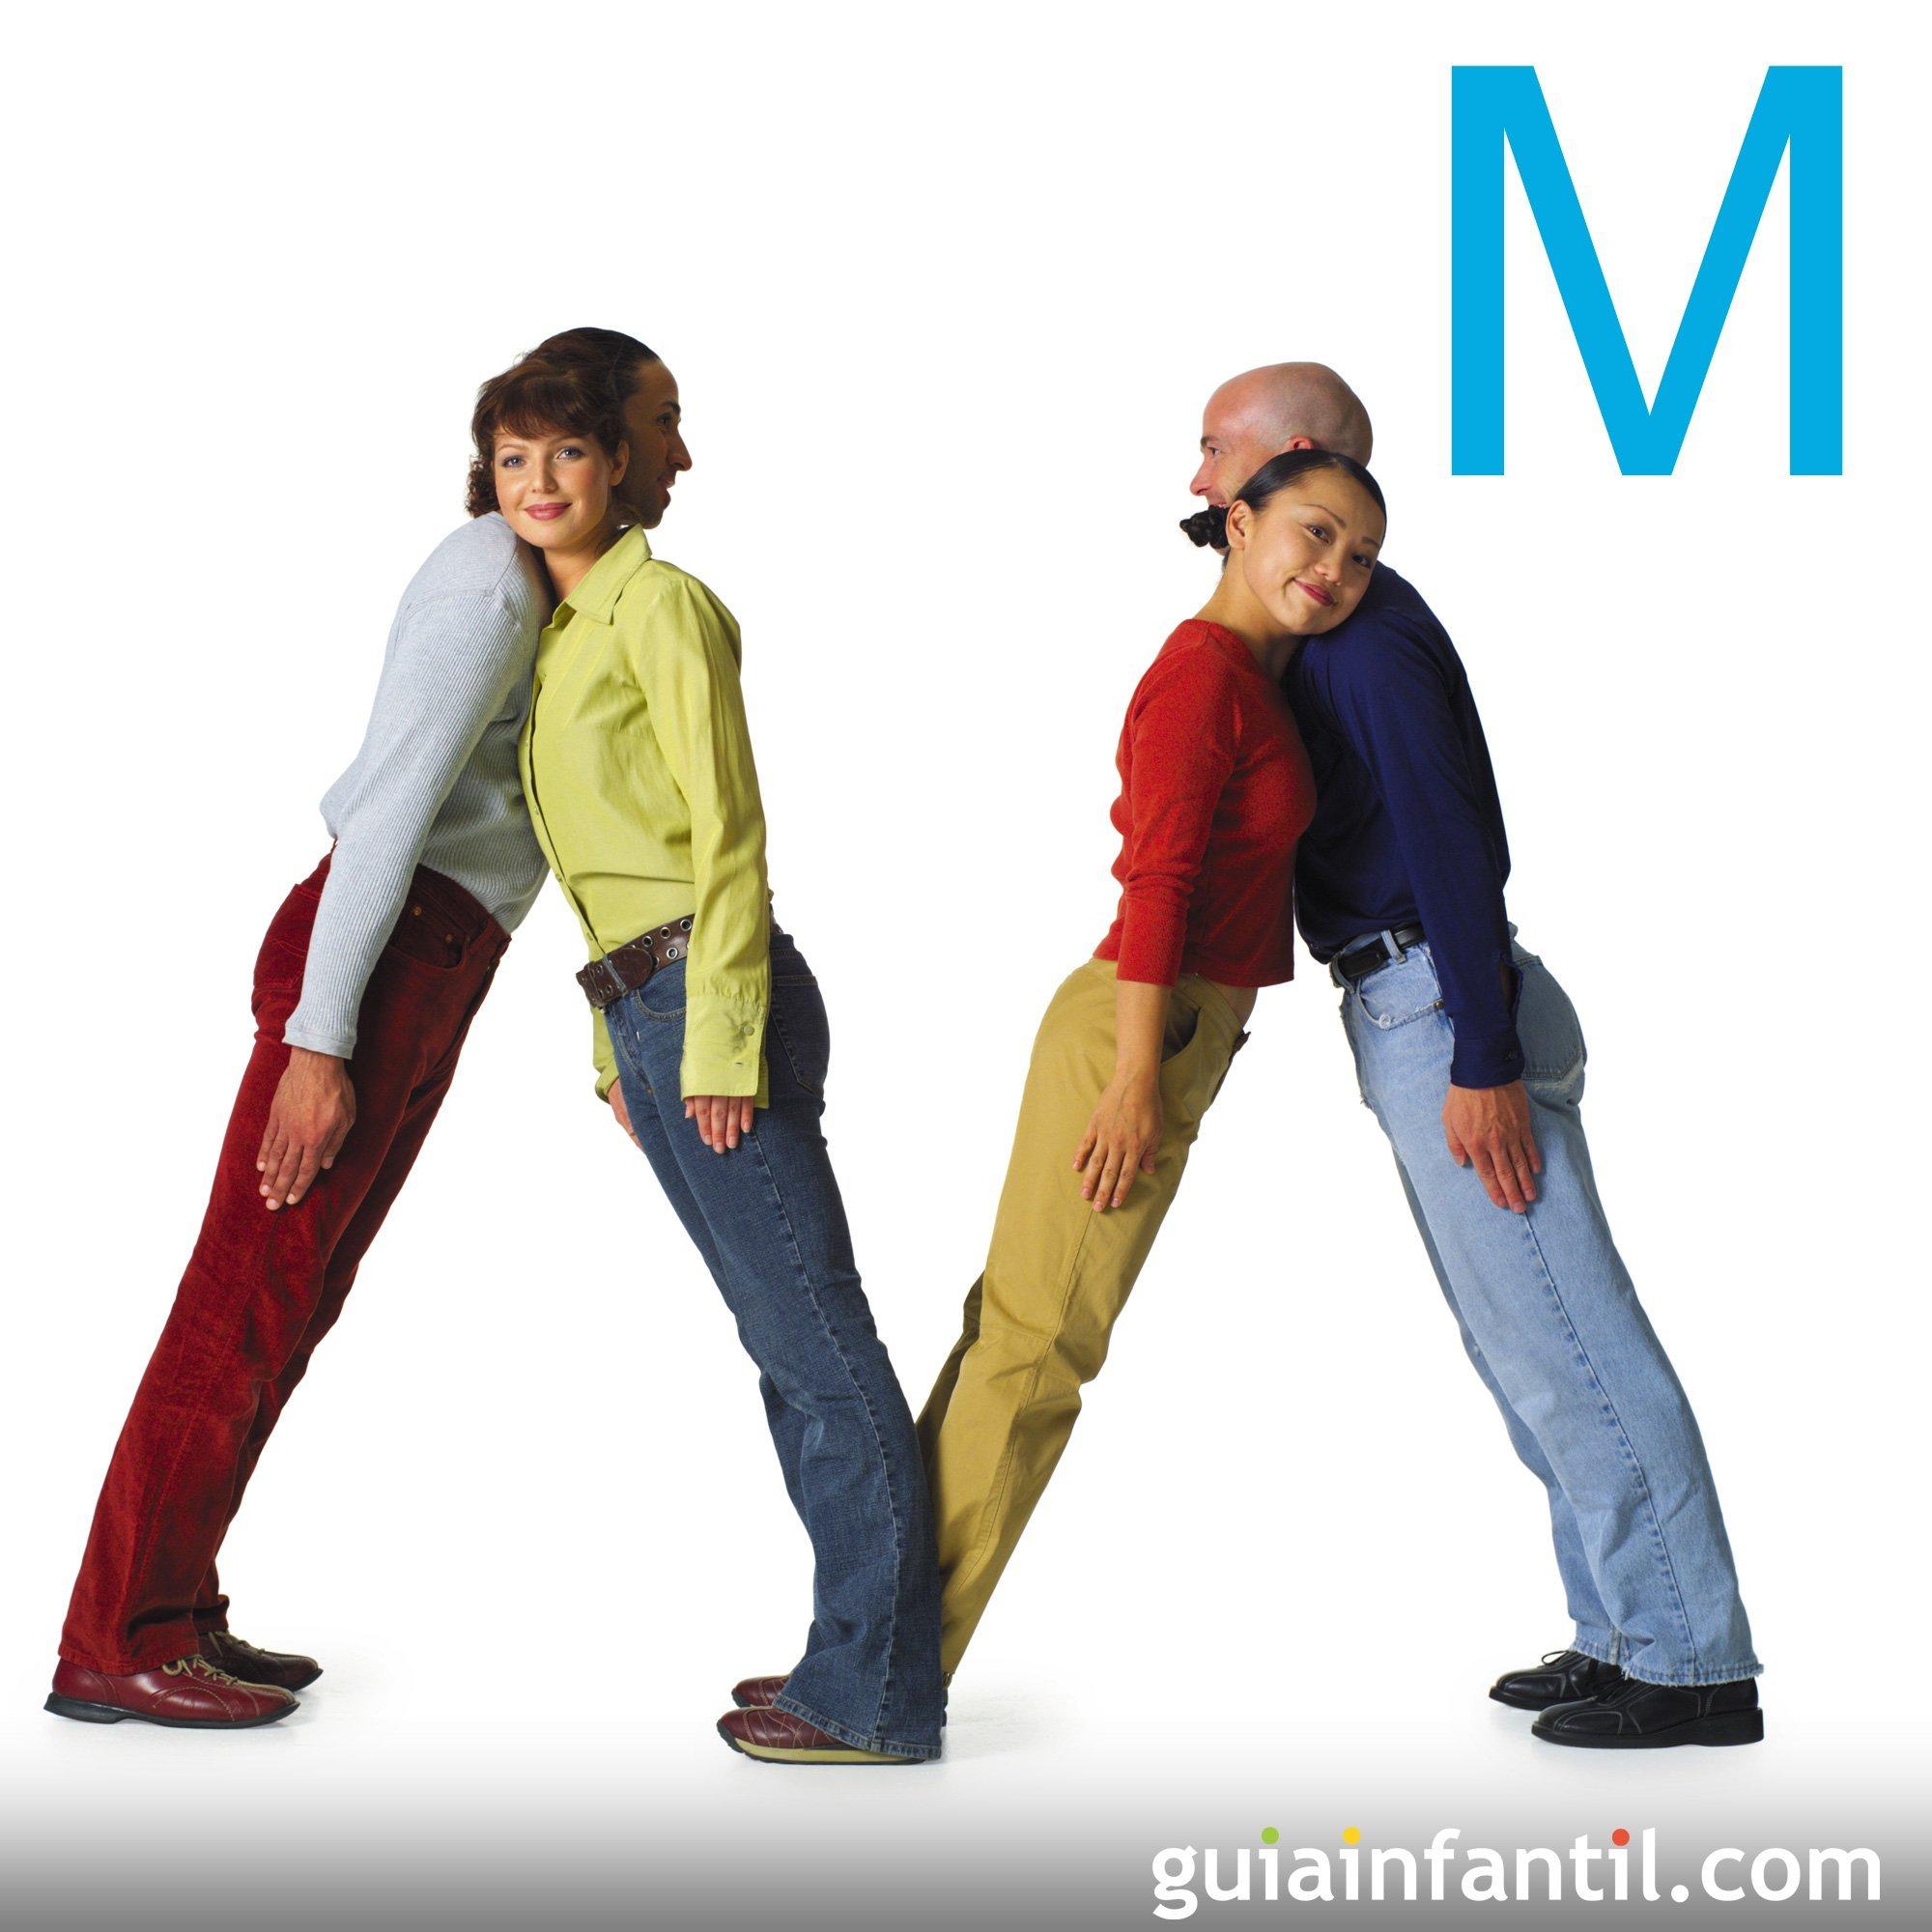 Cómo hacer la letra M con el cuerpo